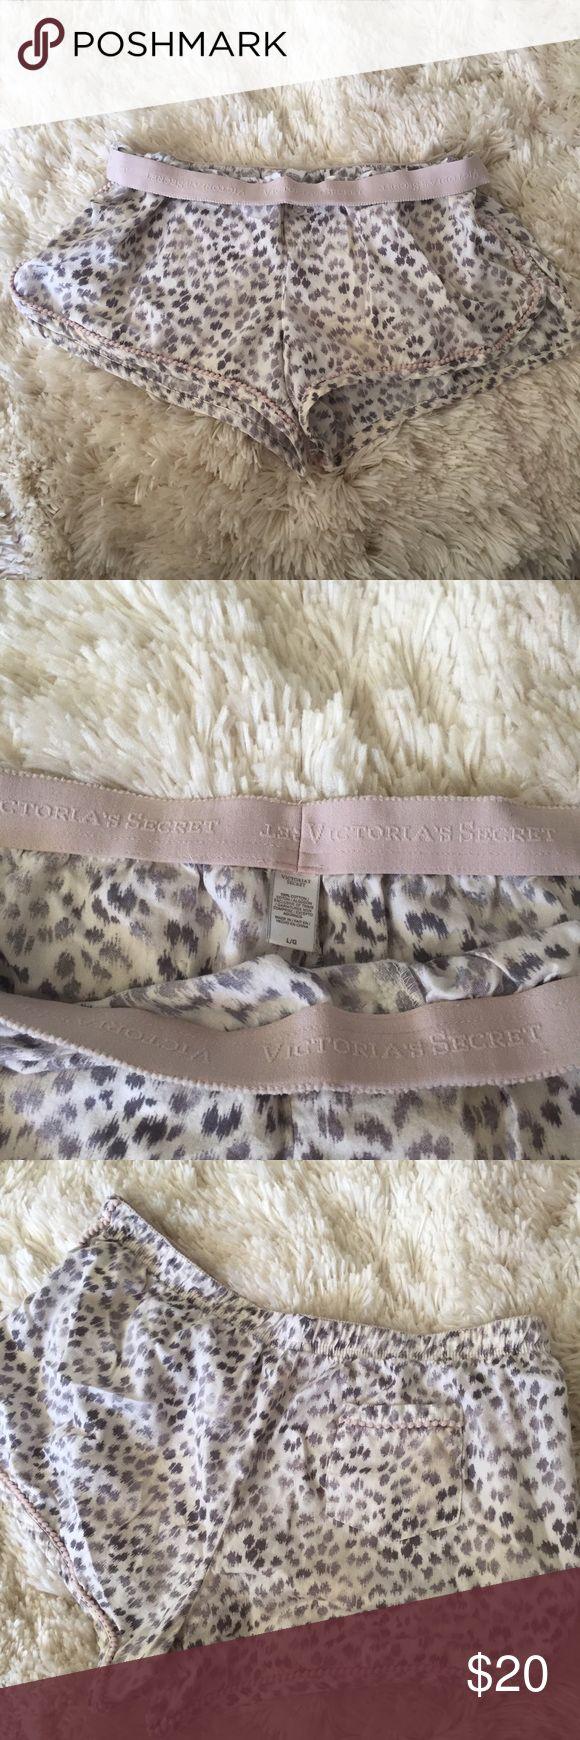 Victoria Secret pj shorts Never worn, super soft pajama shorts. Size Large, Victoria's Secret with snow leopard pattern. NWOT Victoria's Secret Shorts